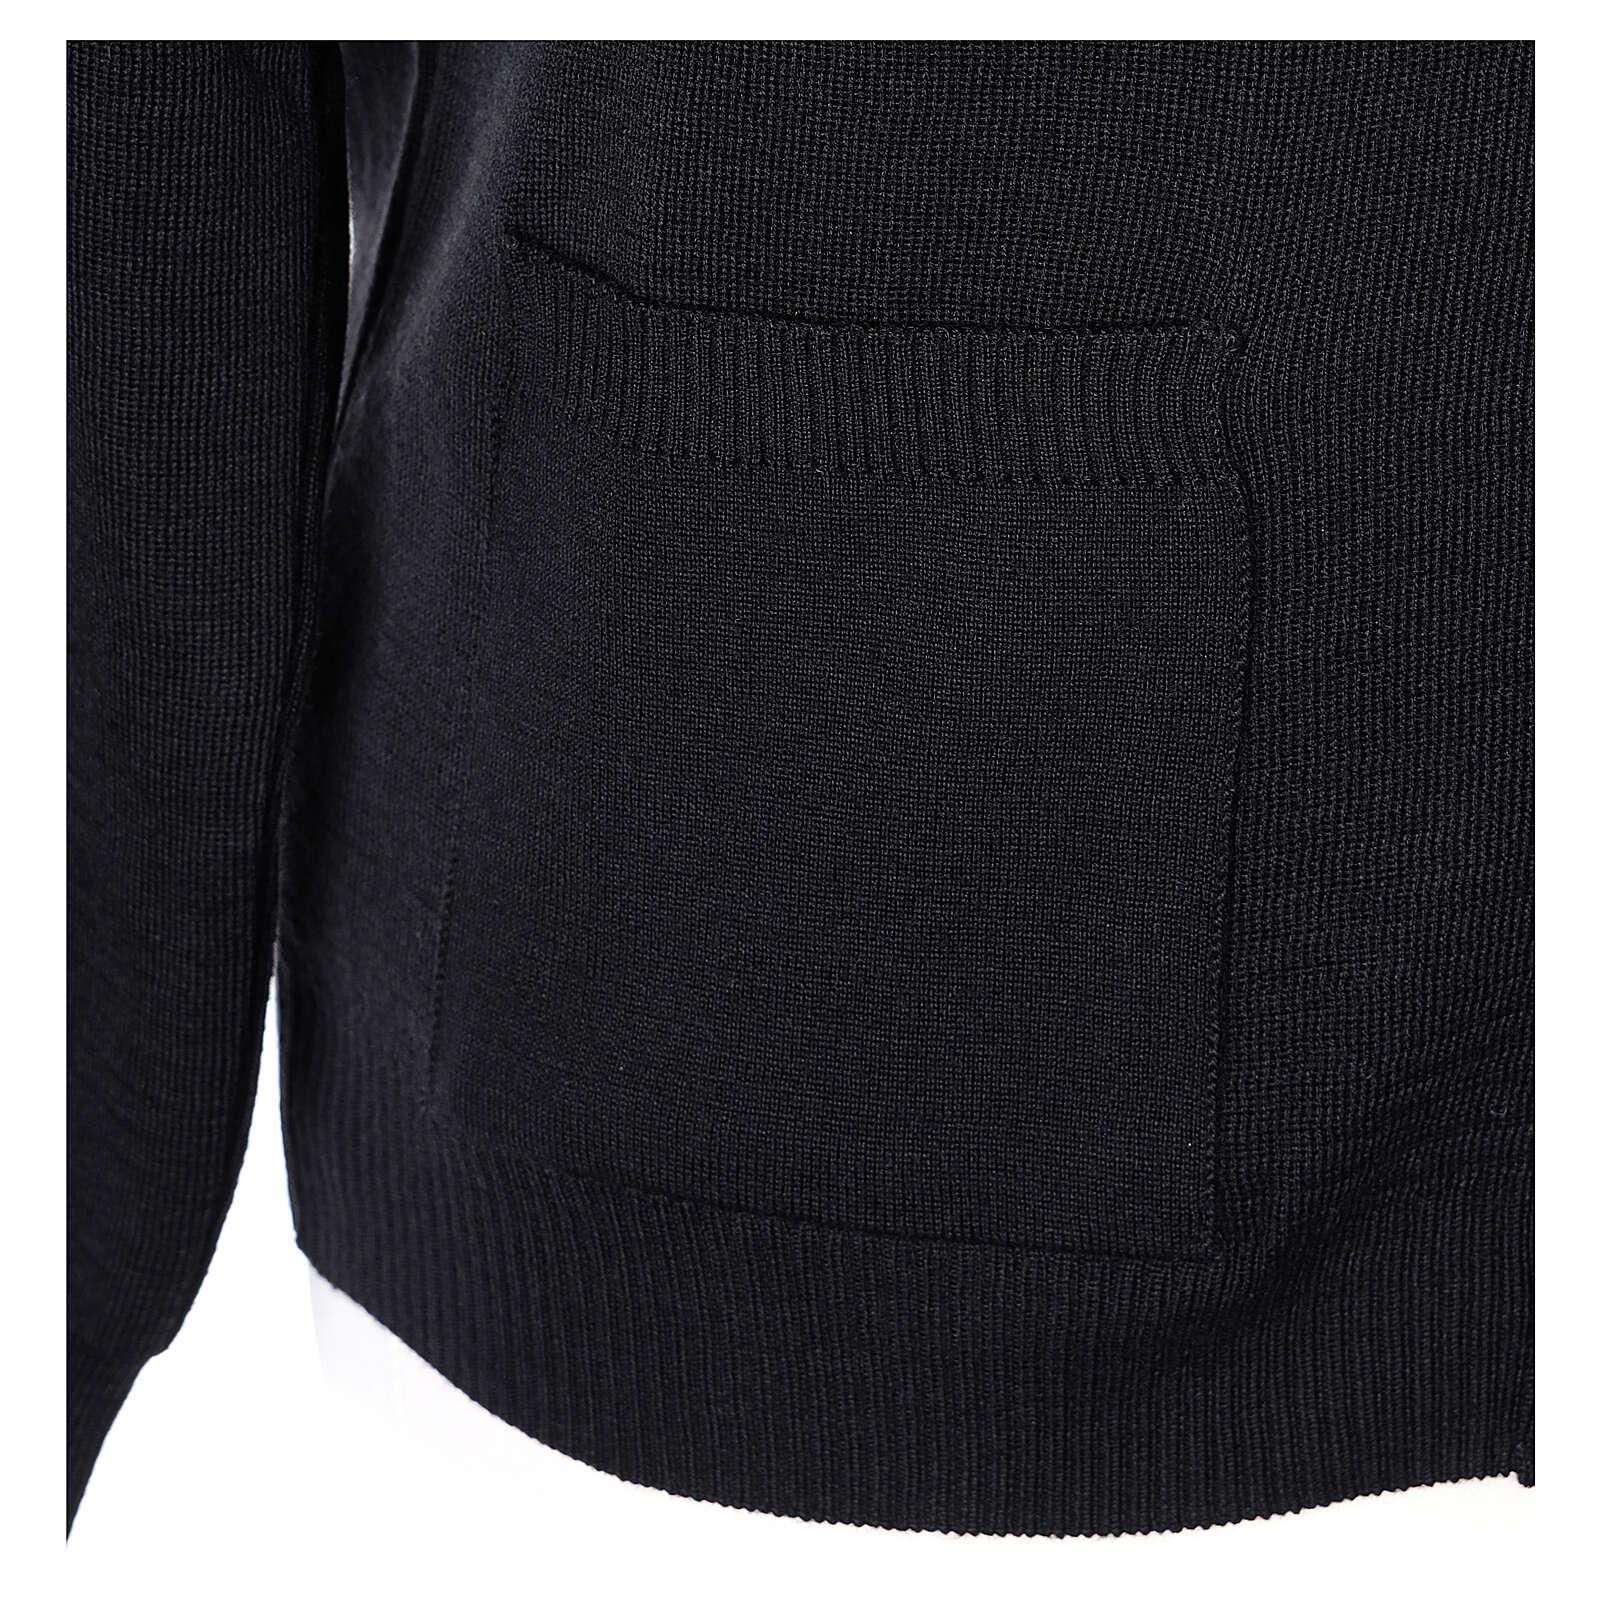 Sweter rozpinany na guziki dla księdza czarny kieszonki 50% wełna merynos 50% akryl In Primis 4